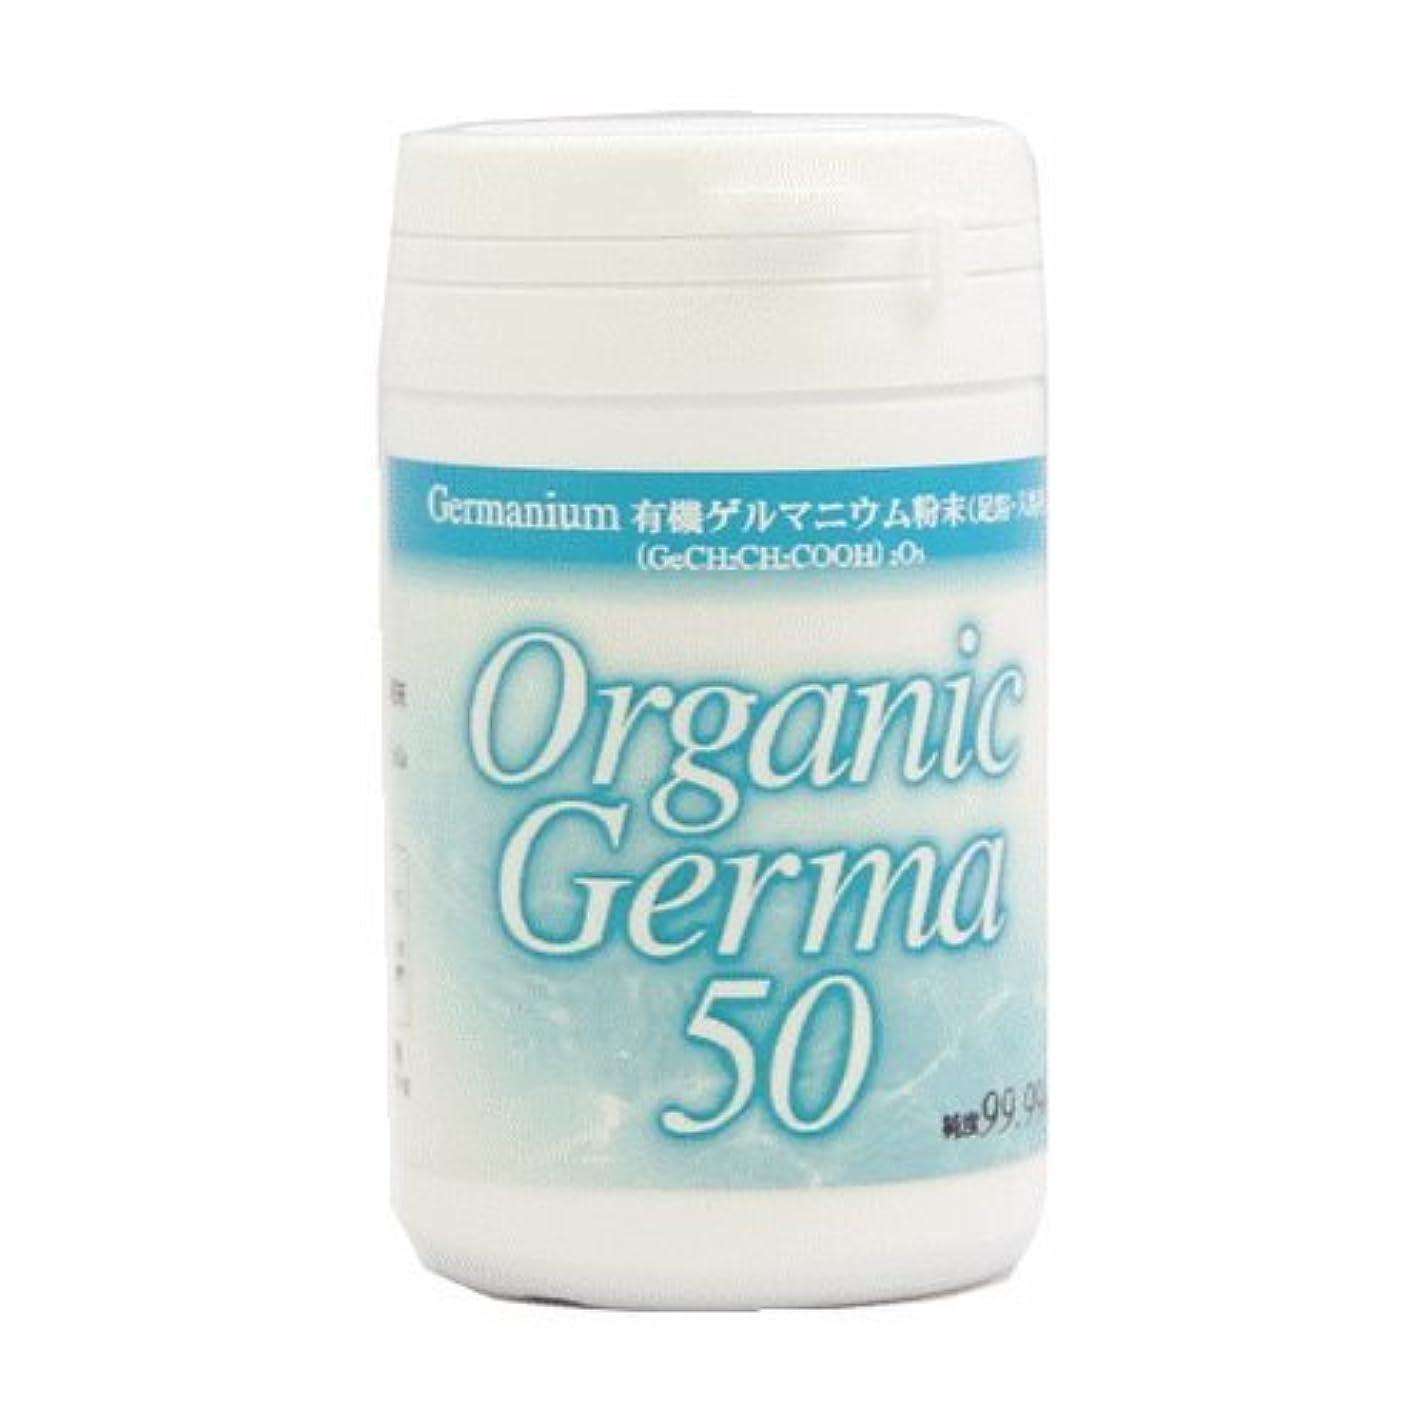 万一に備えて実質的に革新【有機 ゲルマニウム 粉末 50g (Ge-132) 99.99% 温浴用】 ゲルマ パウダー